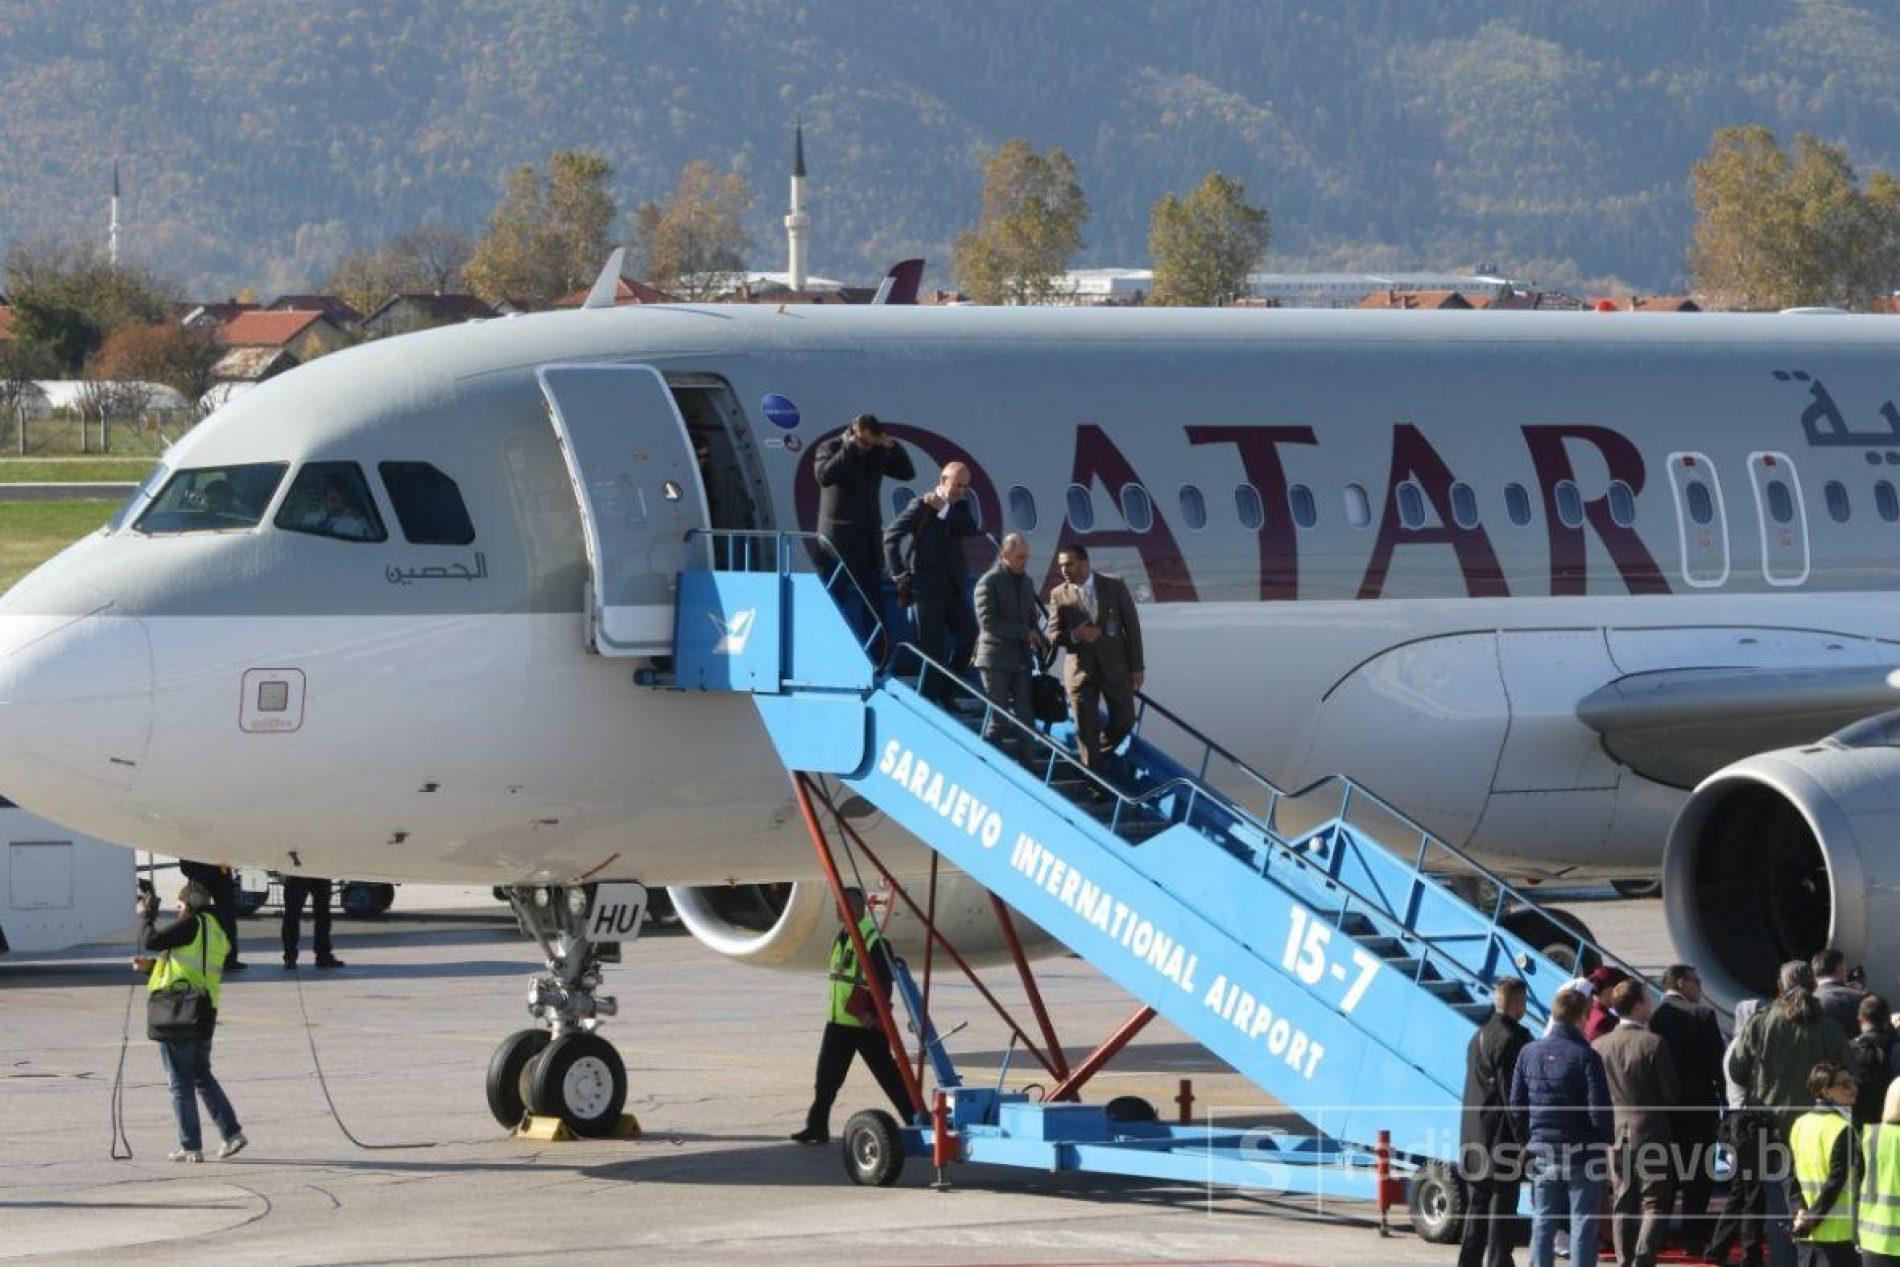 Qatar Airways uspostavio avio-liniju: Na Aerodrom Sarajevo sletio prvi avion iz Dohe